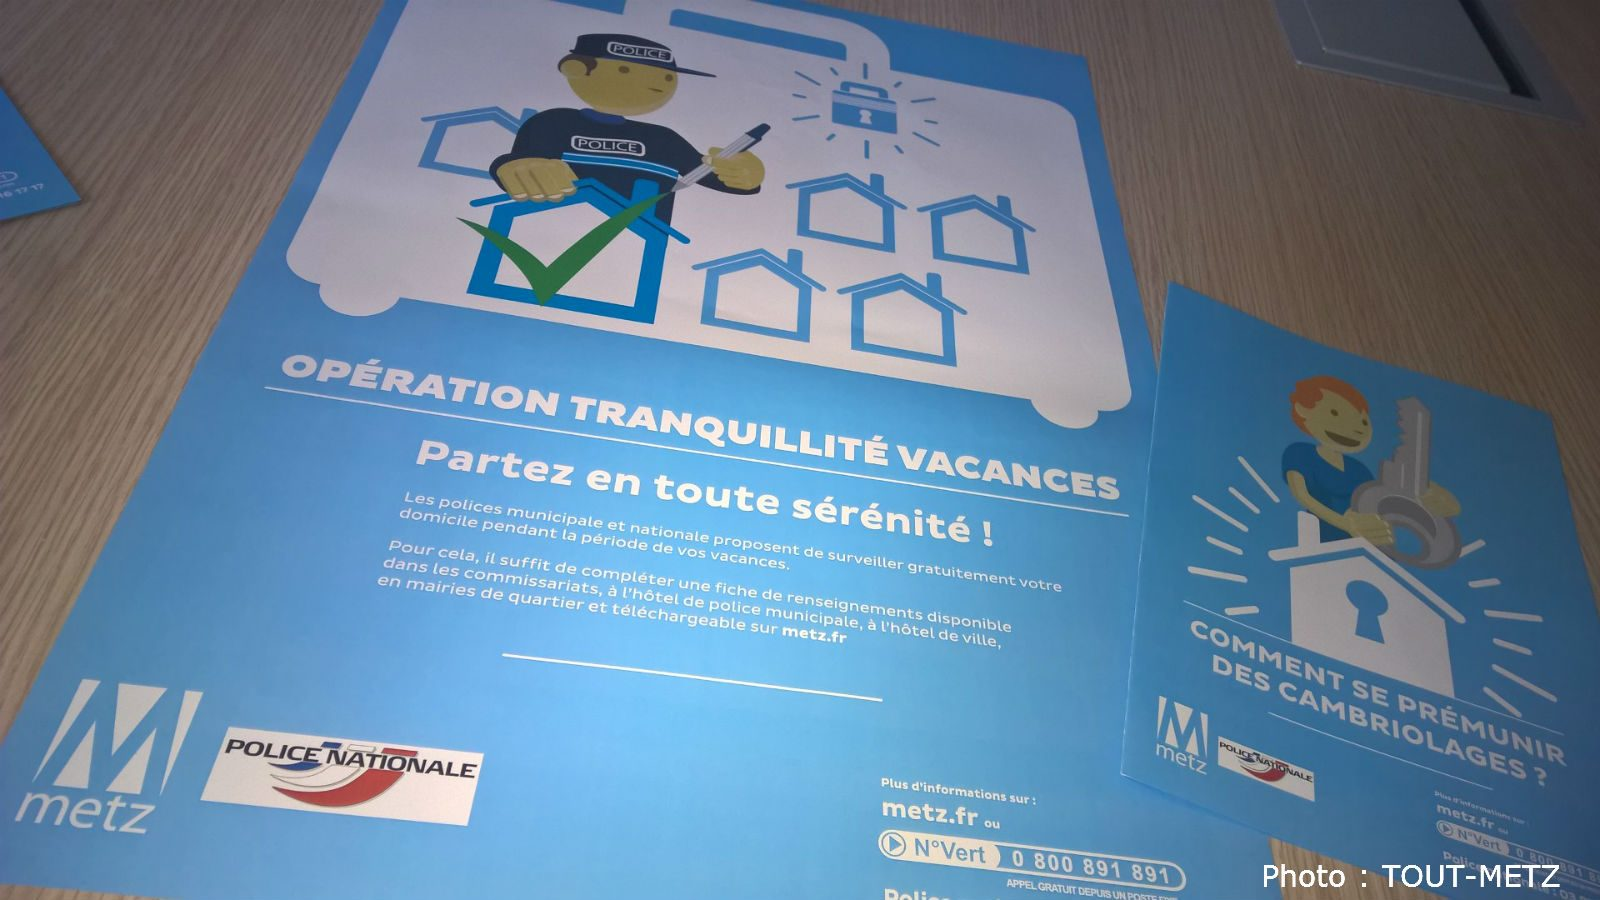 Cambriolages à Metz : faites surveiller votre logement pendant vos vacances